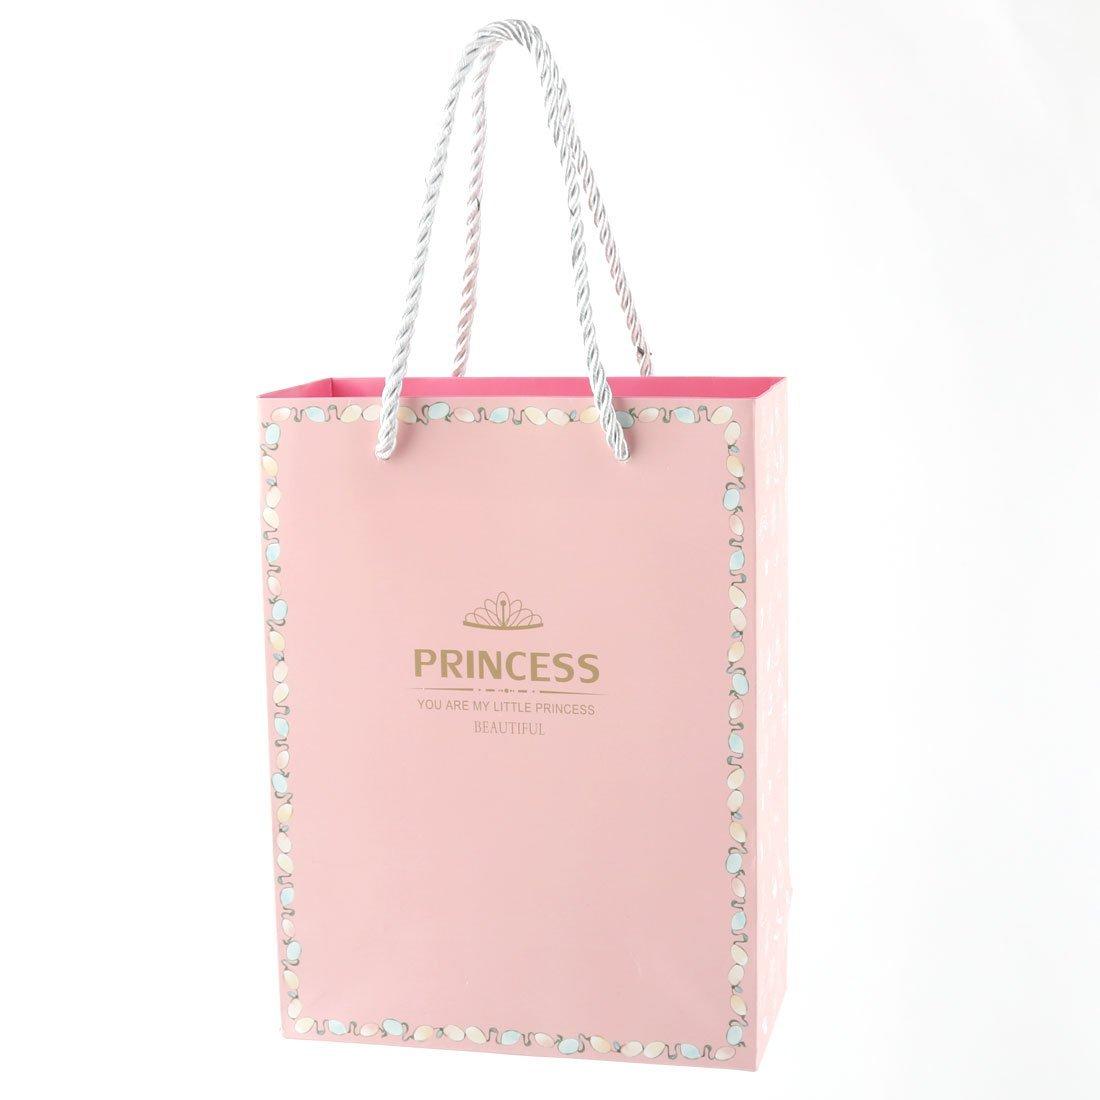 Amazon.com: eDealMax Modelo Rosado Papel Corona de cumpleaños de compras del Regalo del Partido Festival Bolsas soporte del contenedor de 4pcs: Home & ...